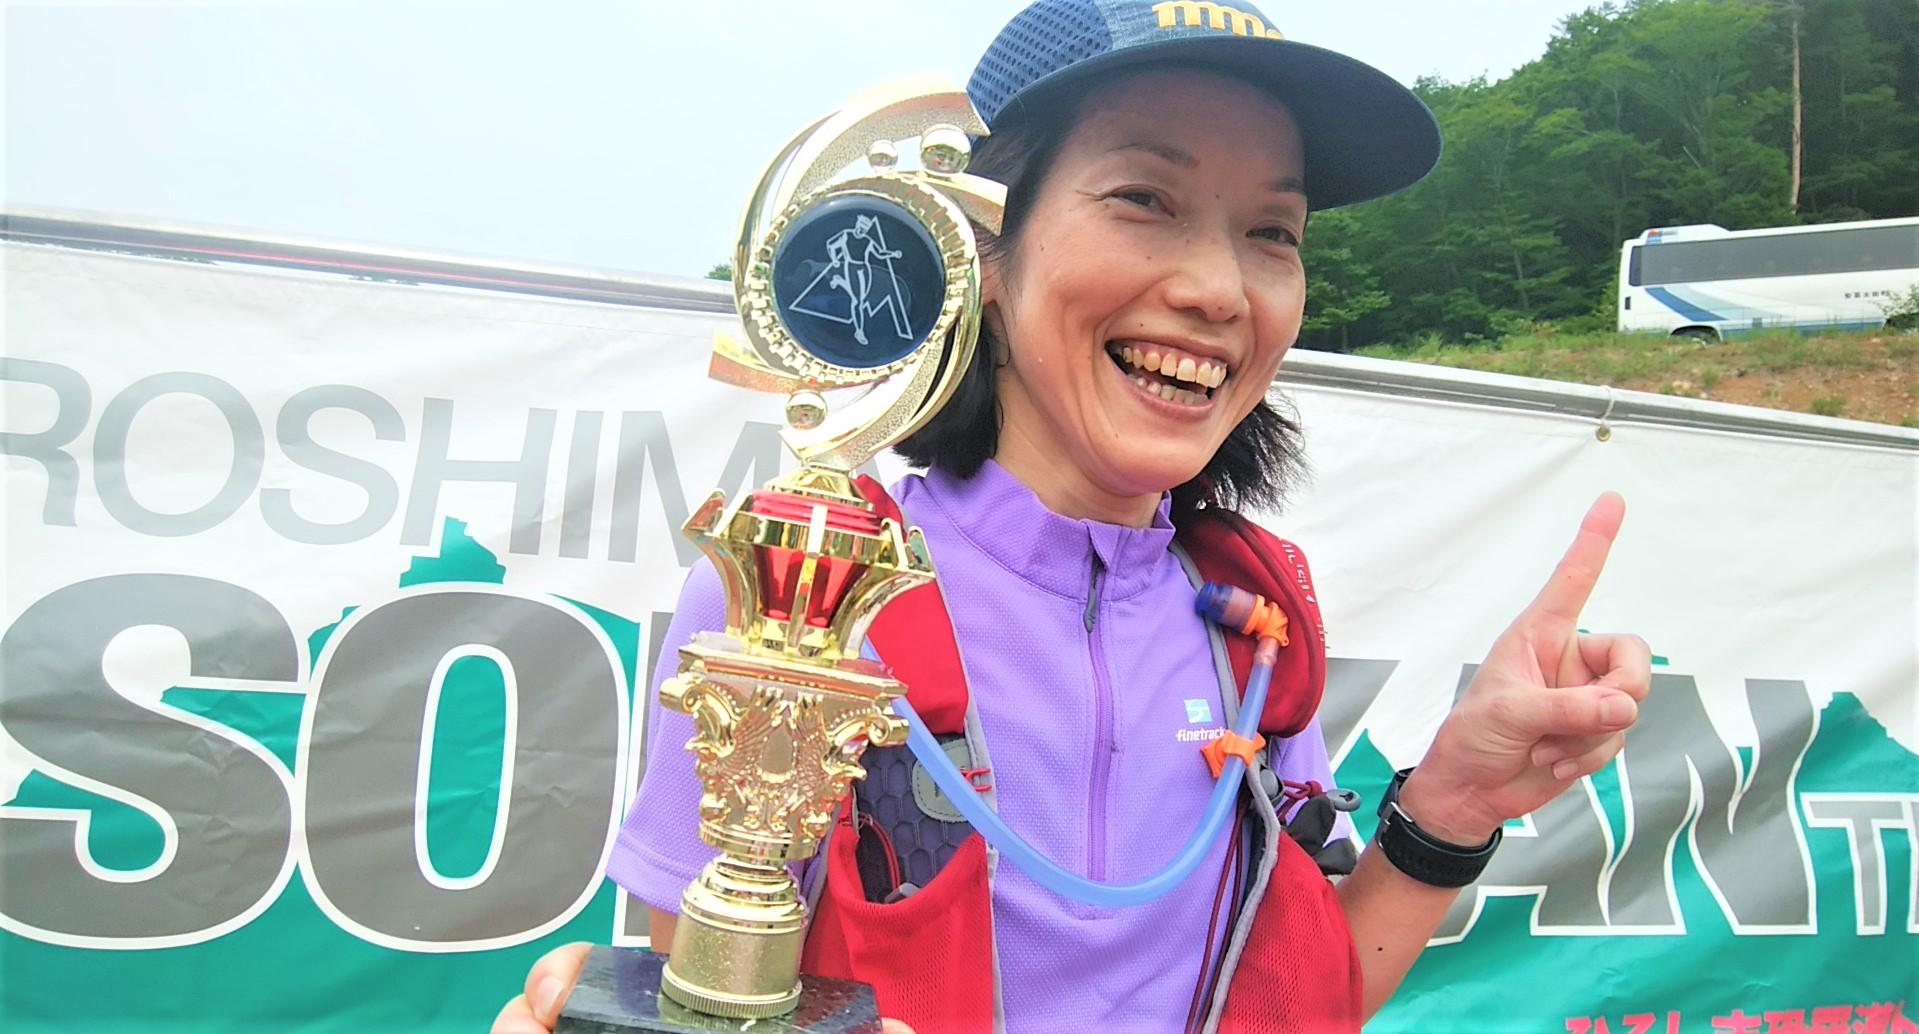 中四国地域の初代女王!!最高の笑顔をみせた横井八重子